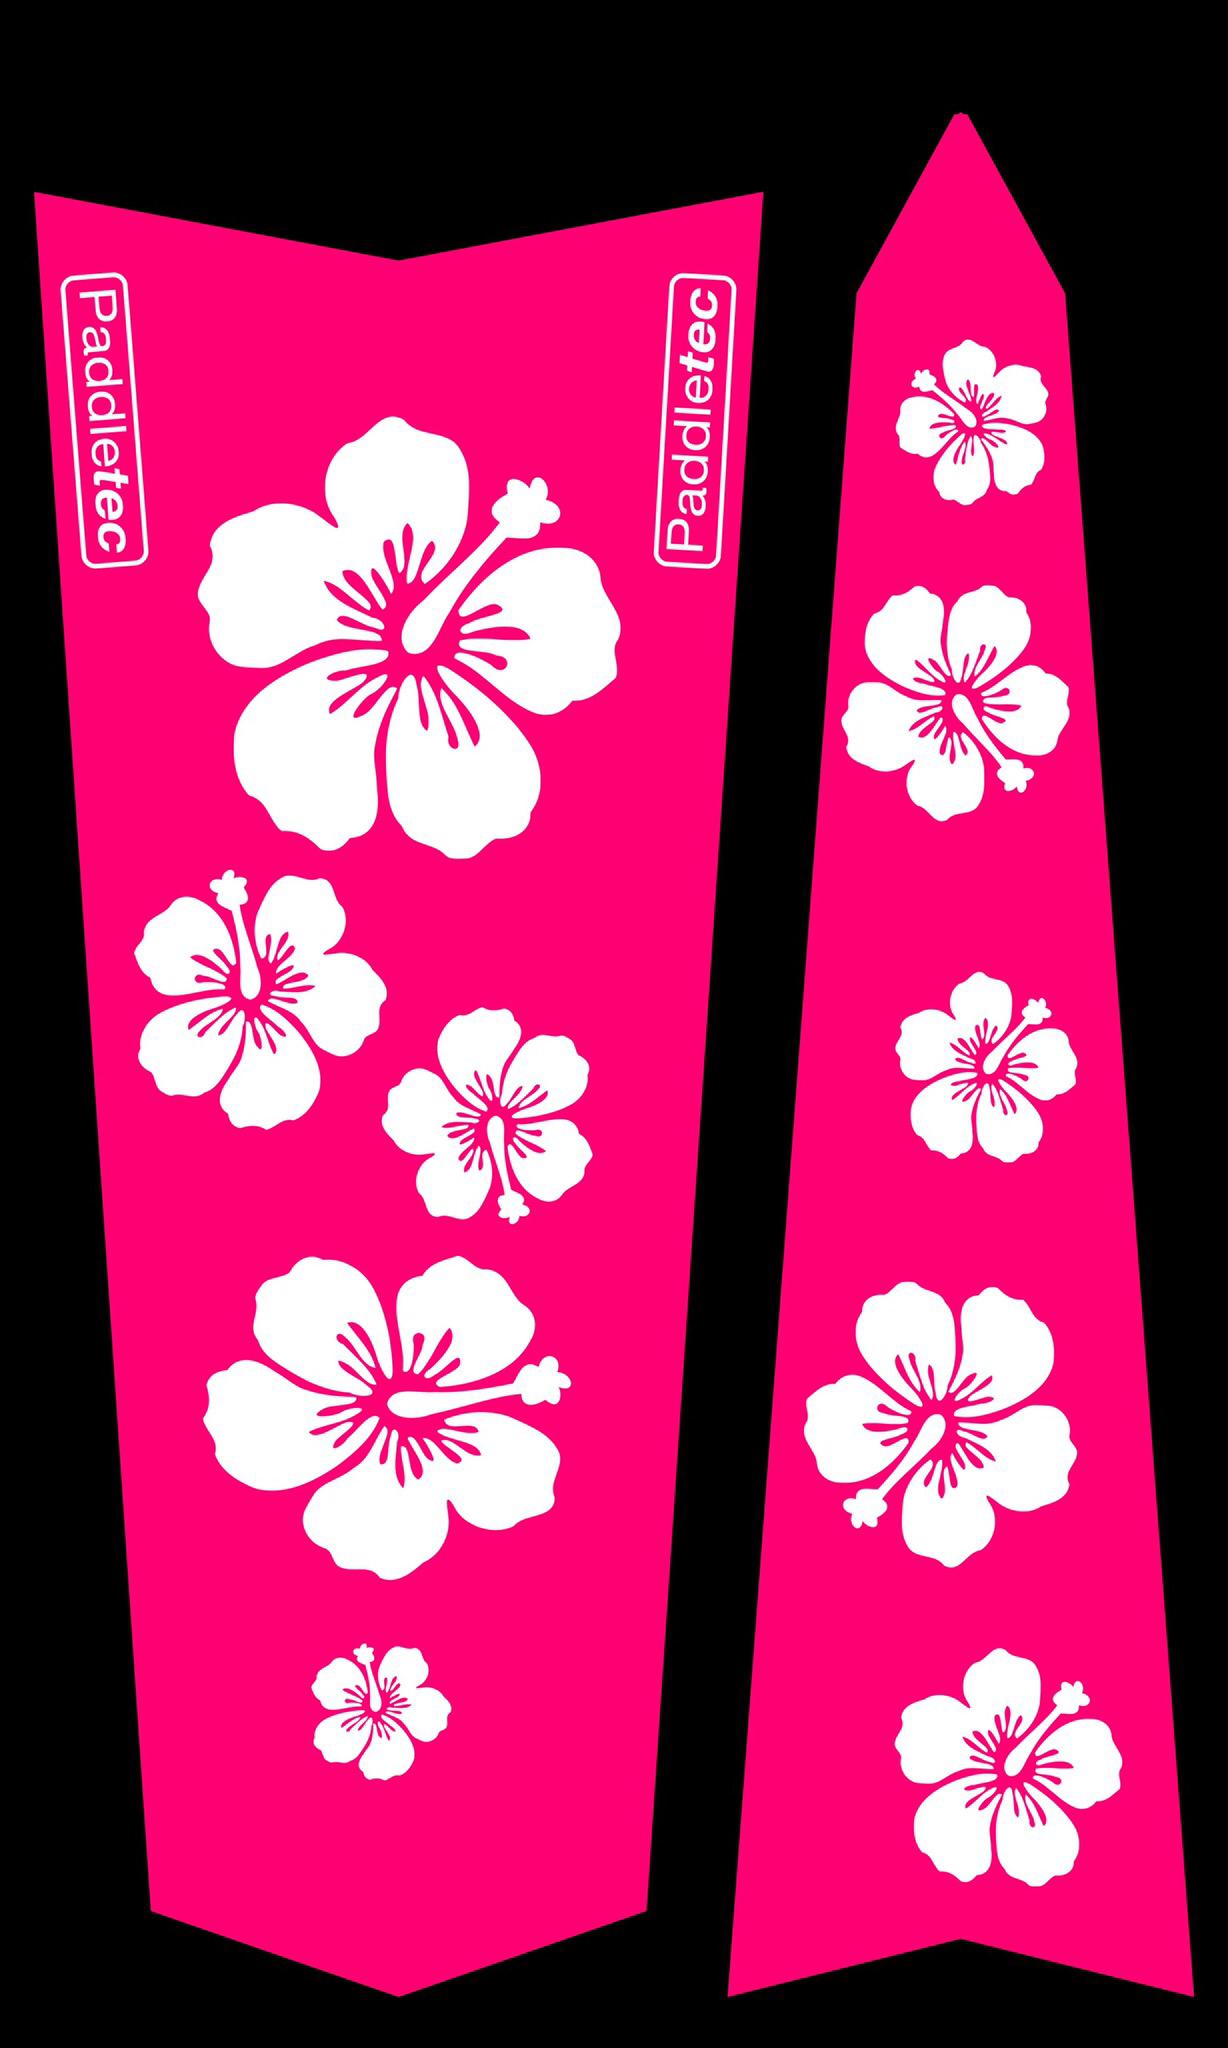 Neon Vinyl Surfski Stickers